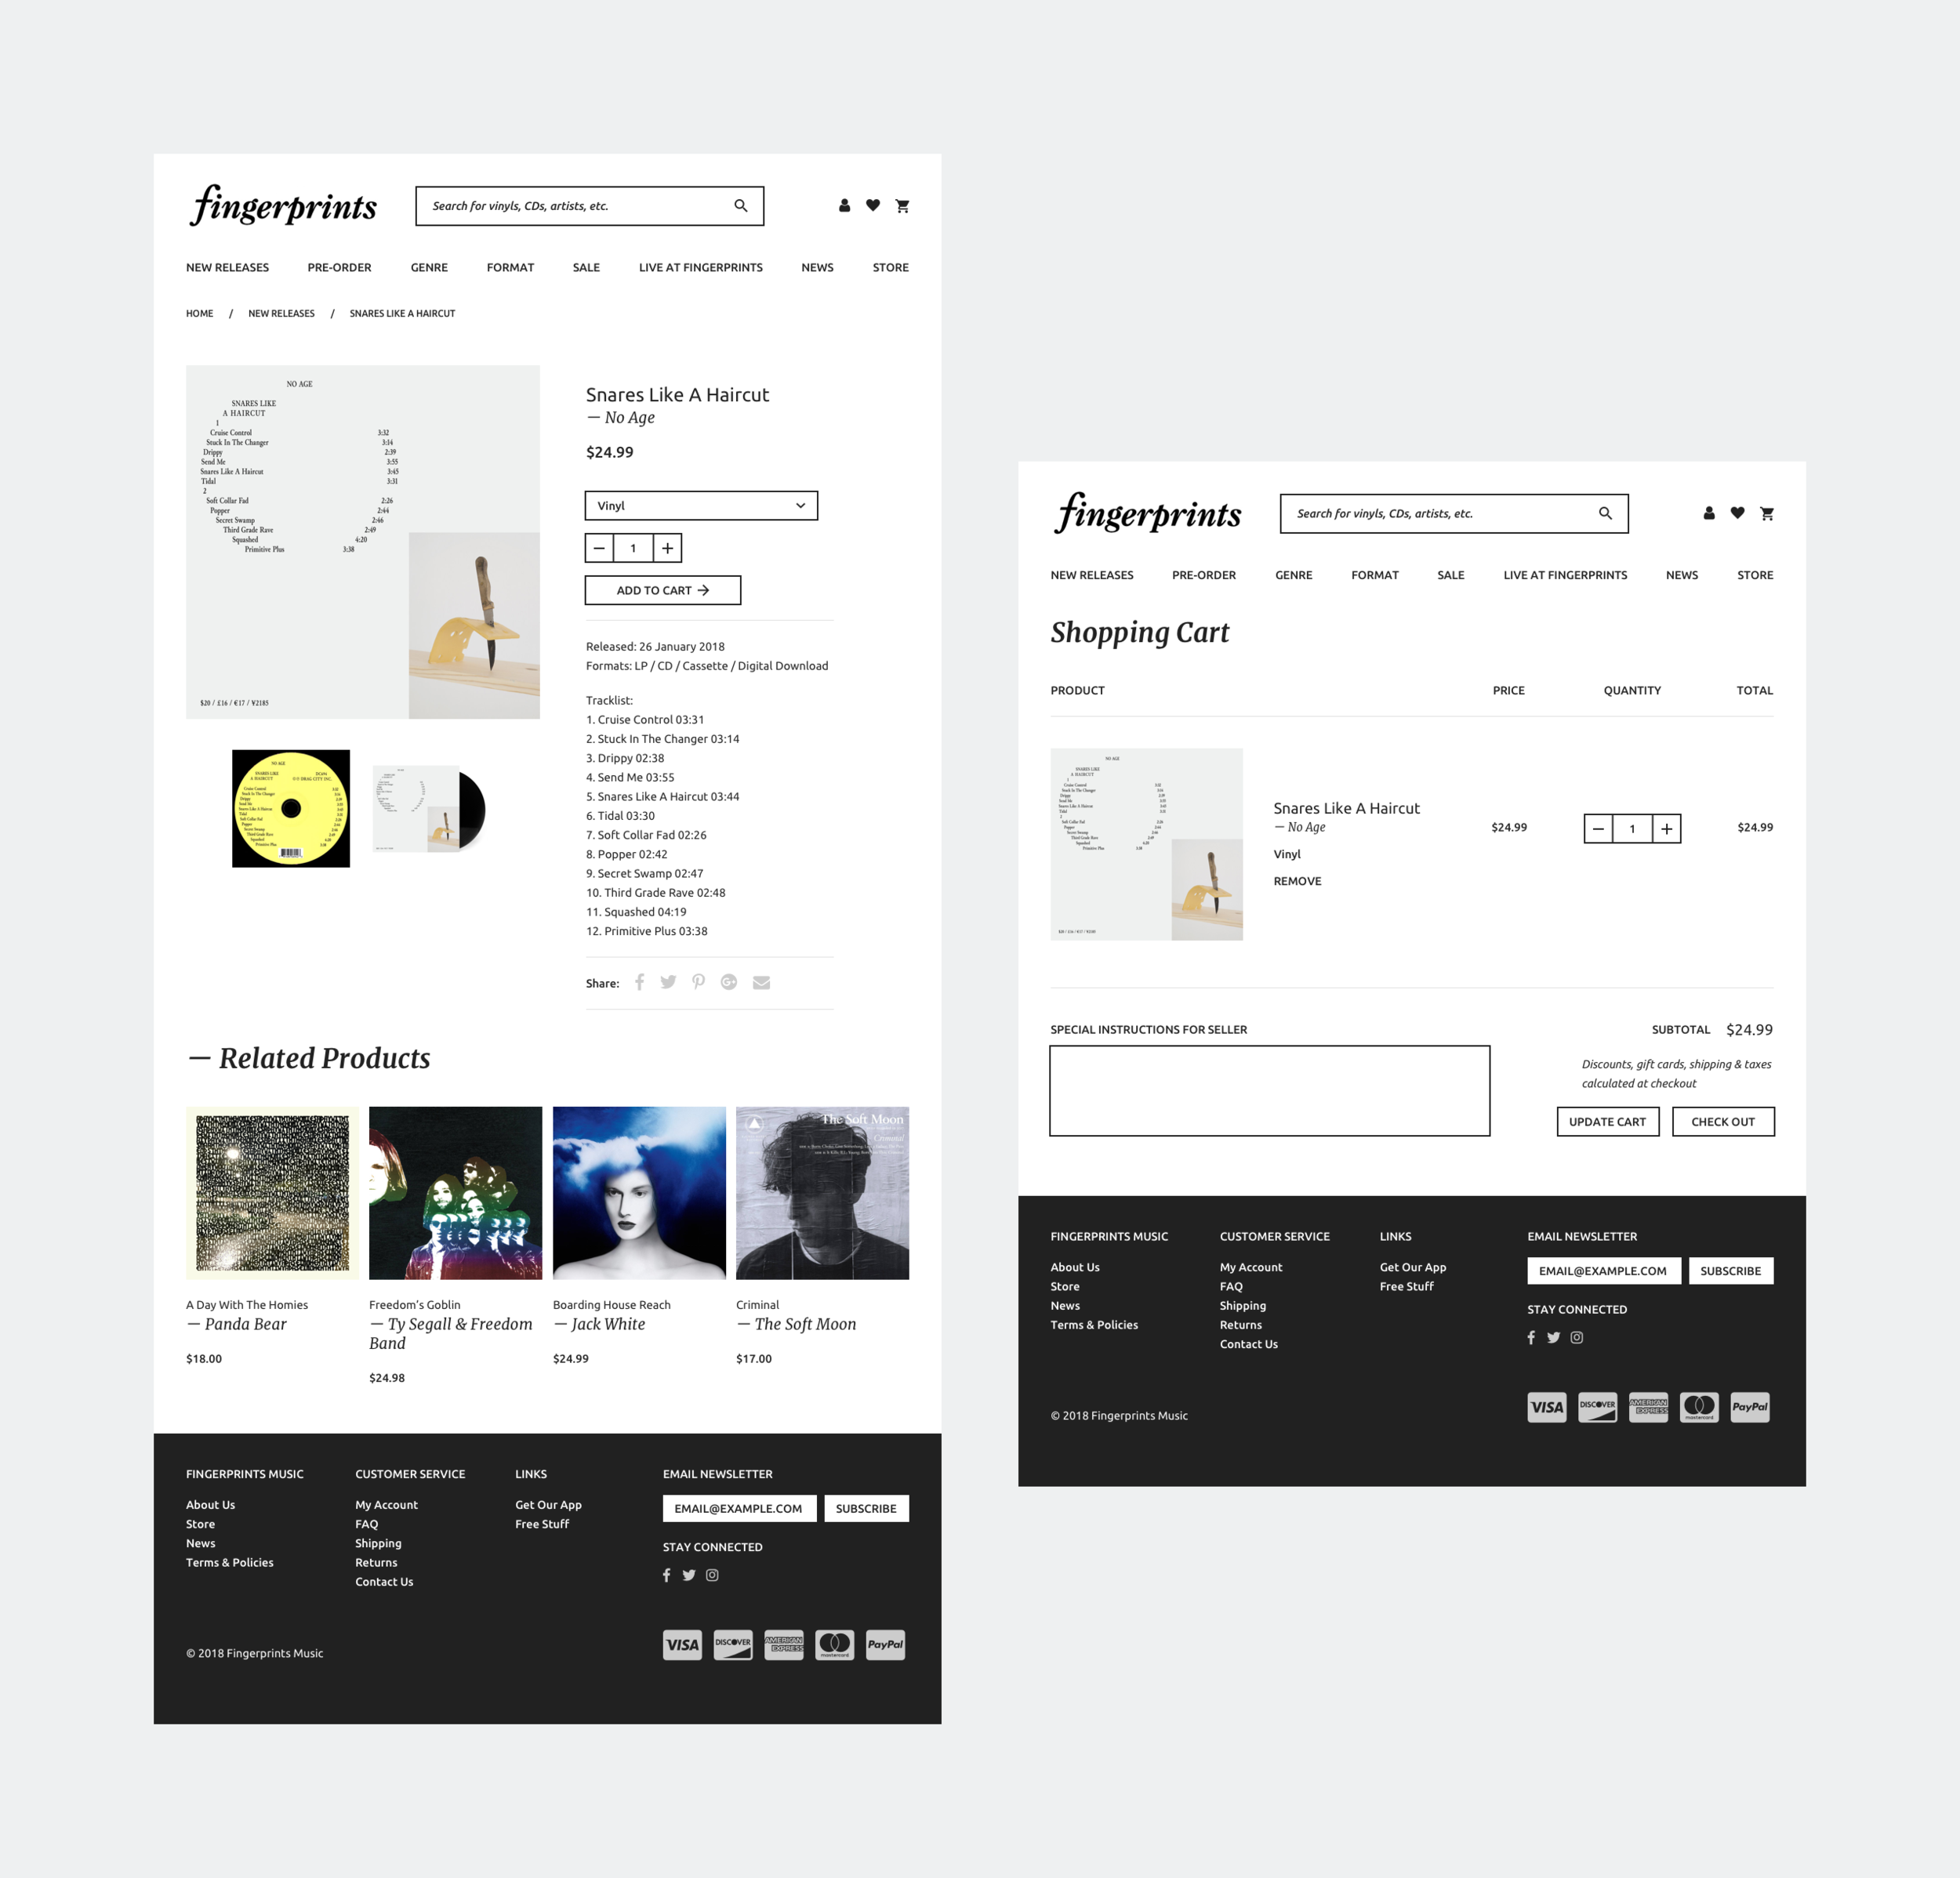 fingerprints desktop mockup product.png